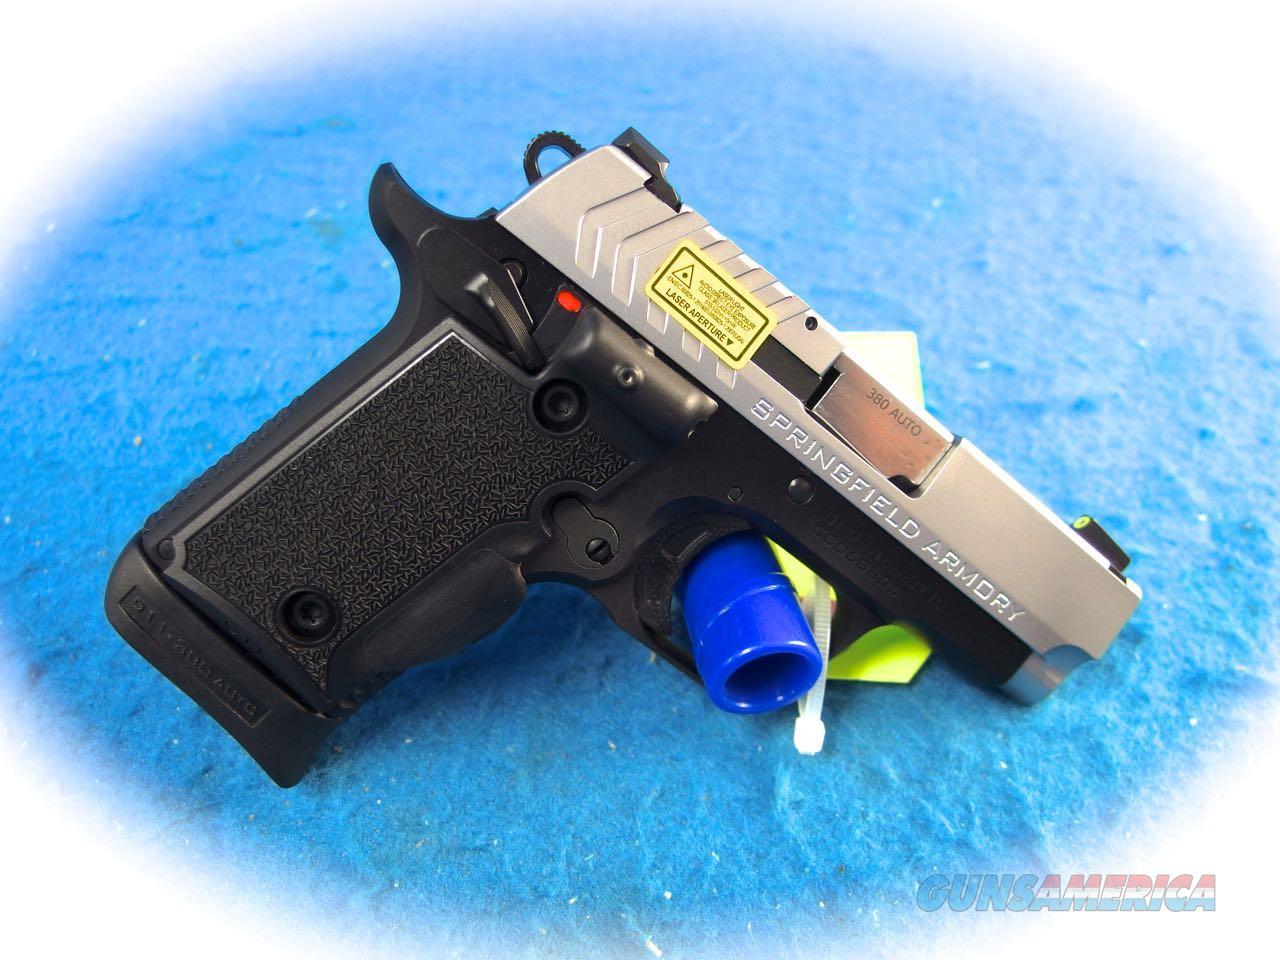 Springfield 911 .380 ACP Pistol w/ Green Laser Model PG9109SVG **New**  Guns > Pistols > Springfield Armory Pistols > 911